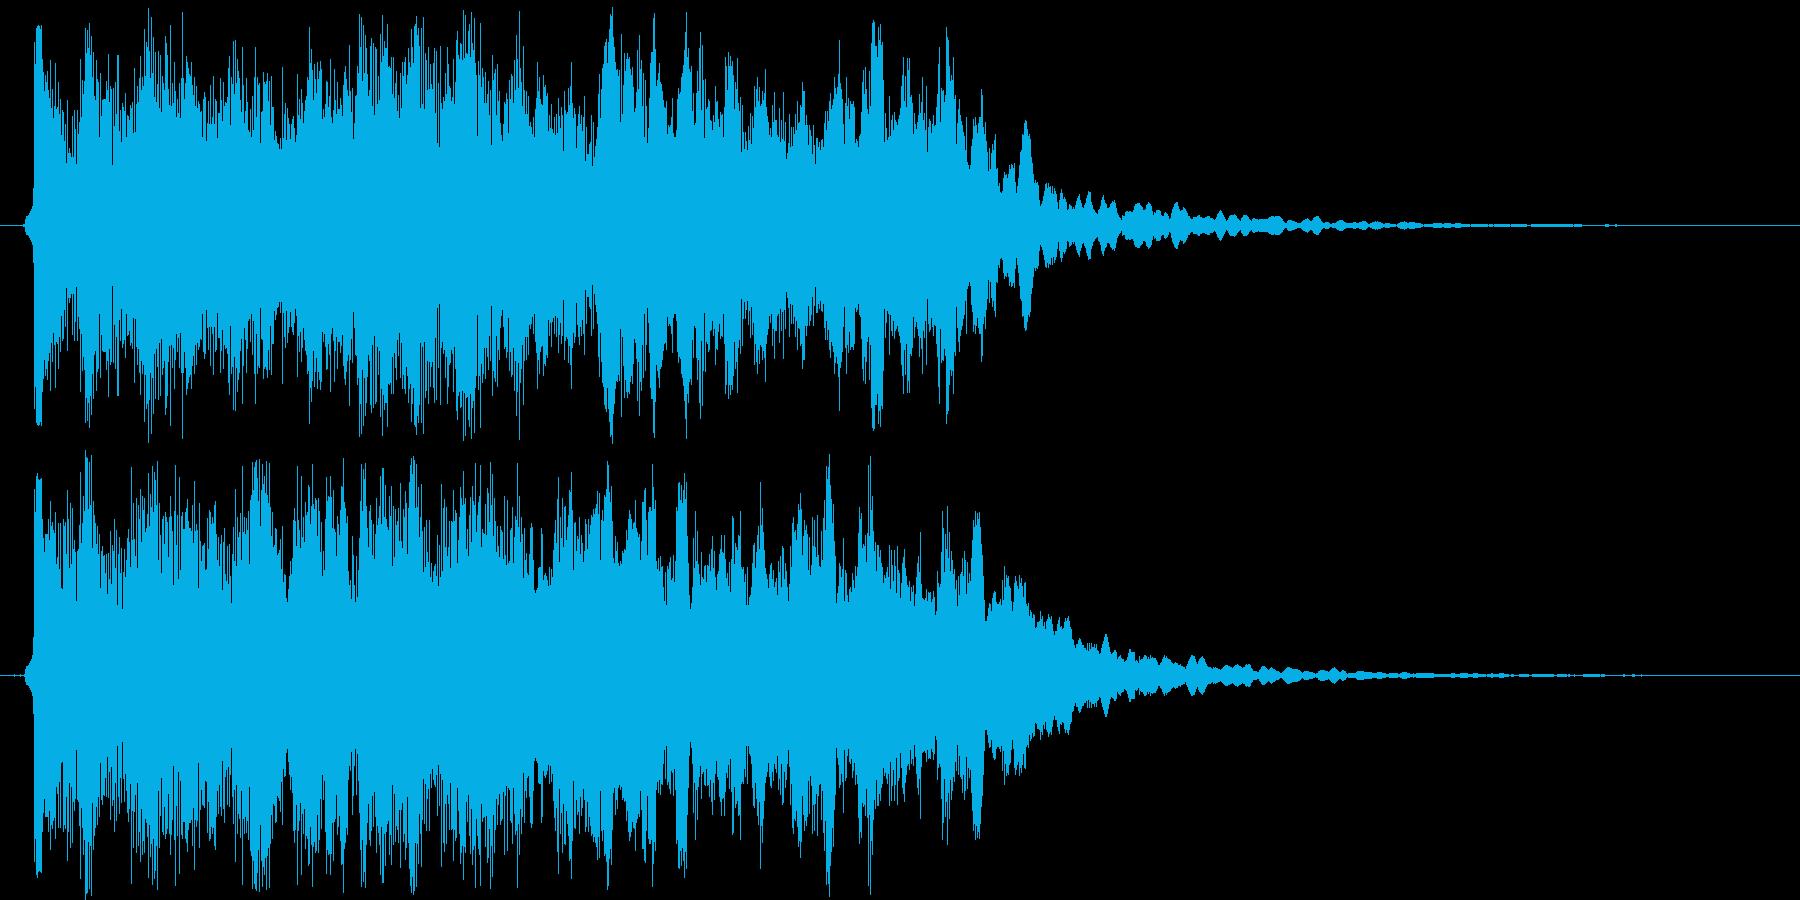 しっとり感シンセサイザーサウンド短めの再生済みの波形